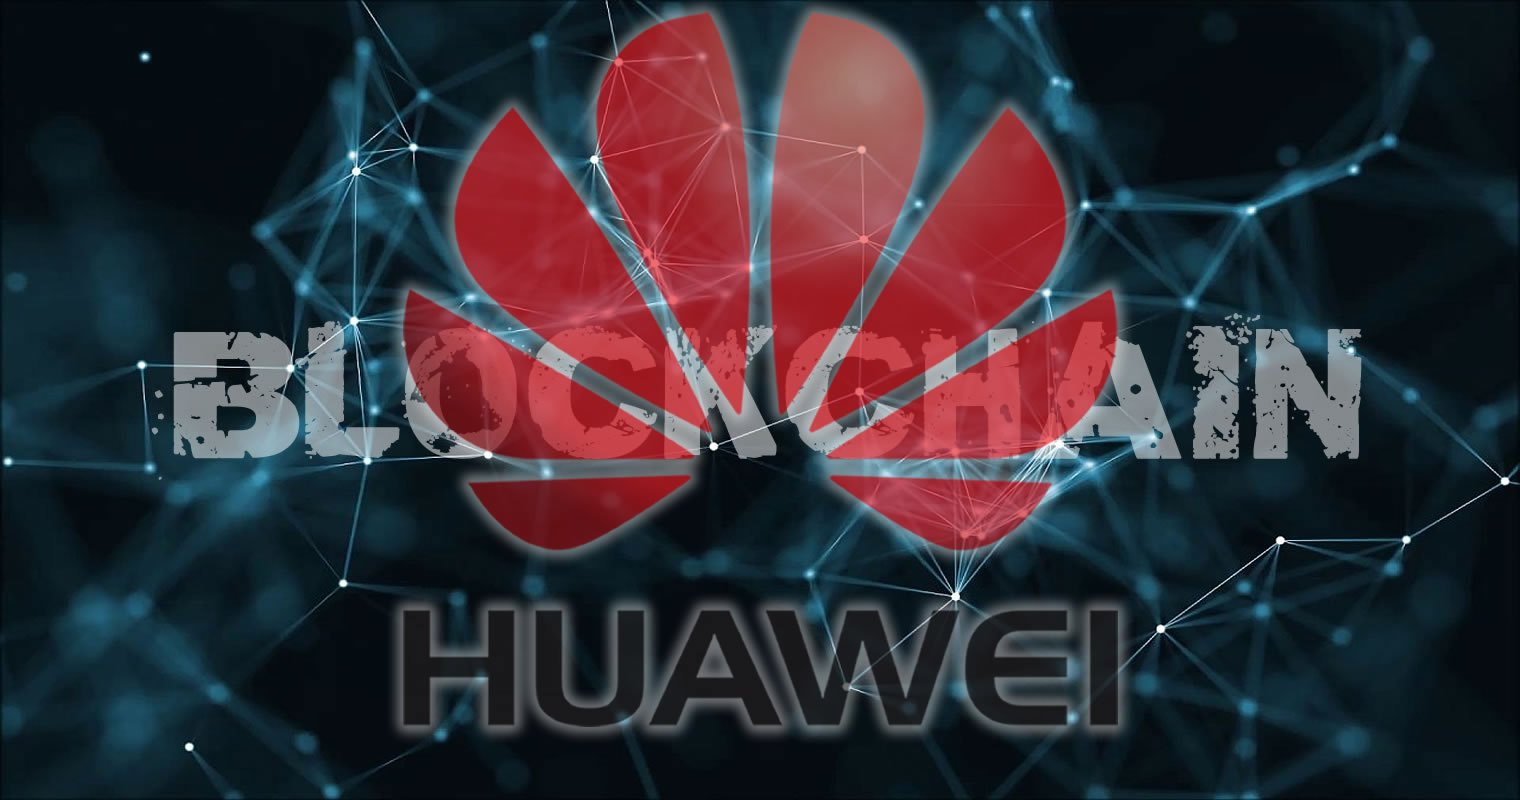 """شراكة عملاق الاتصالات """"هواوي"""" مع الحكومة الصينية للعمل على منصة بلوكشين جديدة"""